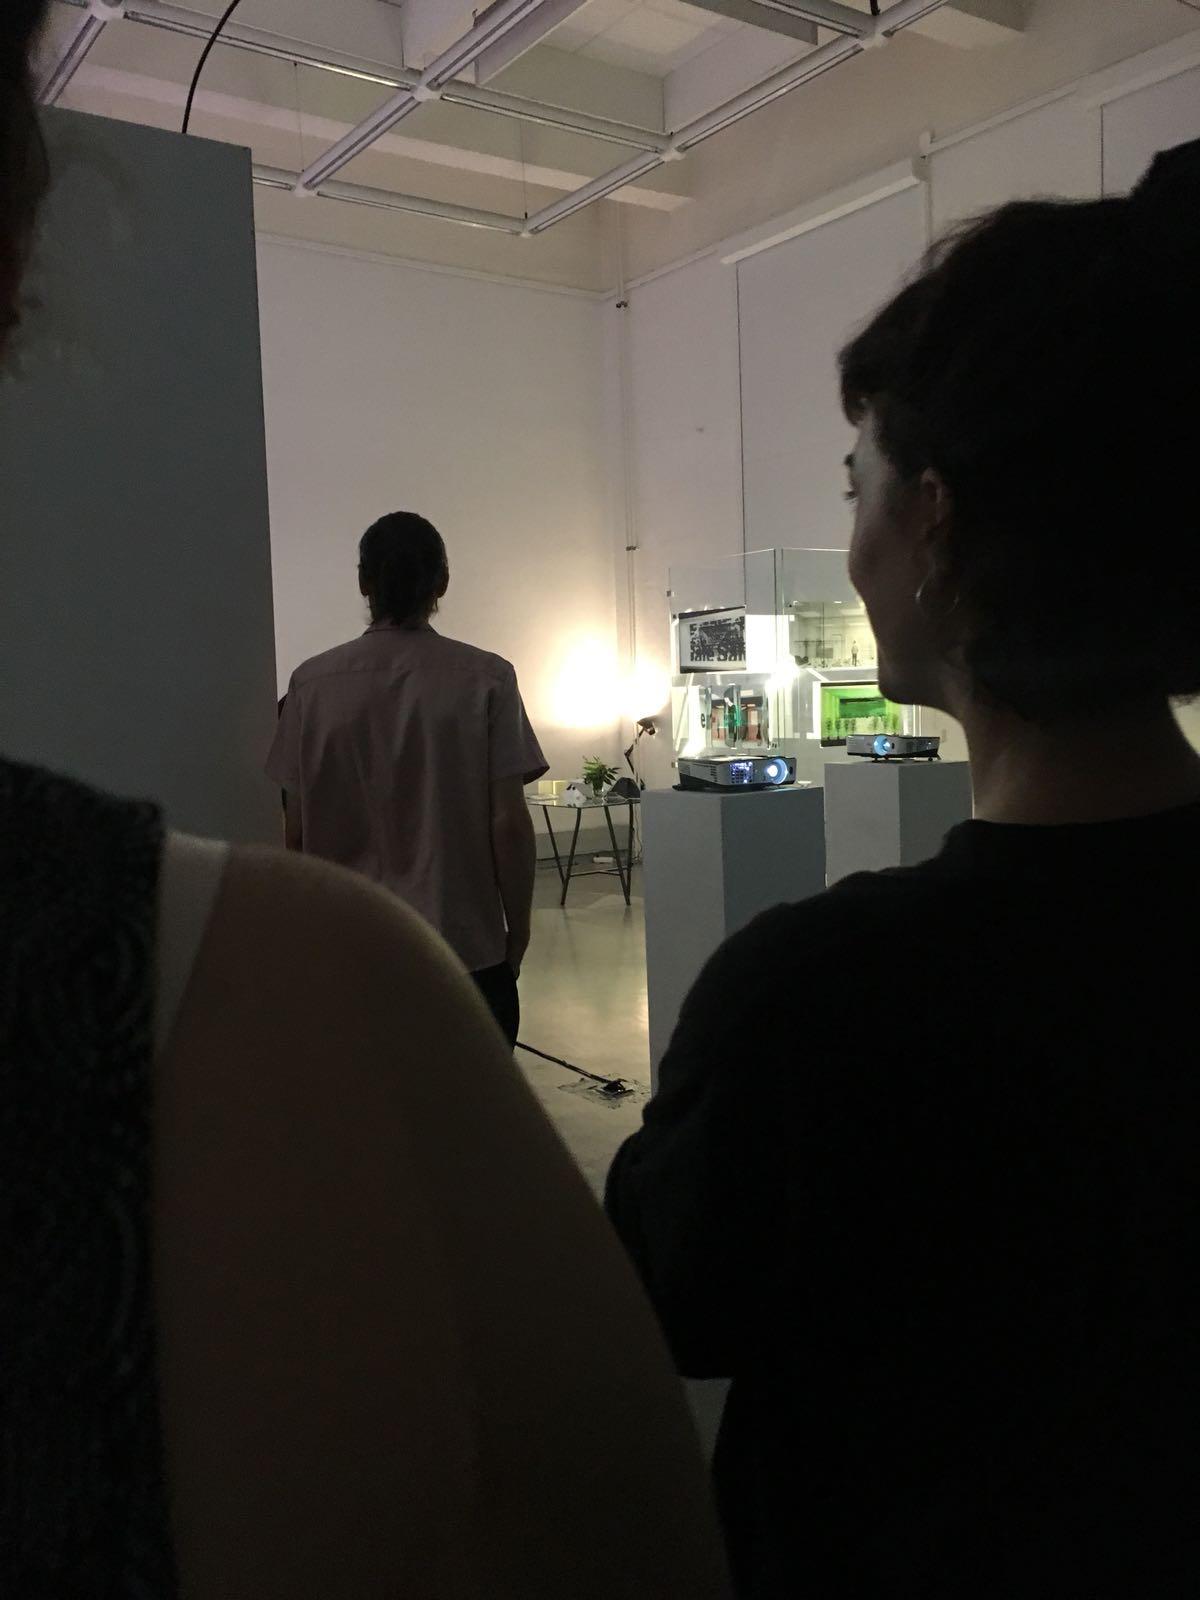 Ausstellung Präsentation Phaneomen Shoppingcenter Raumgestaltung Conceptdesign Inszenierung Reuse Kapitalismus Museum Shopdesign Mall